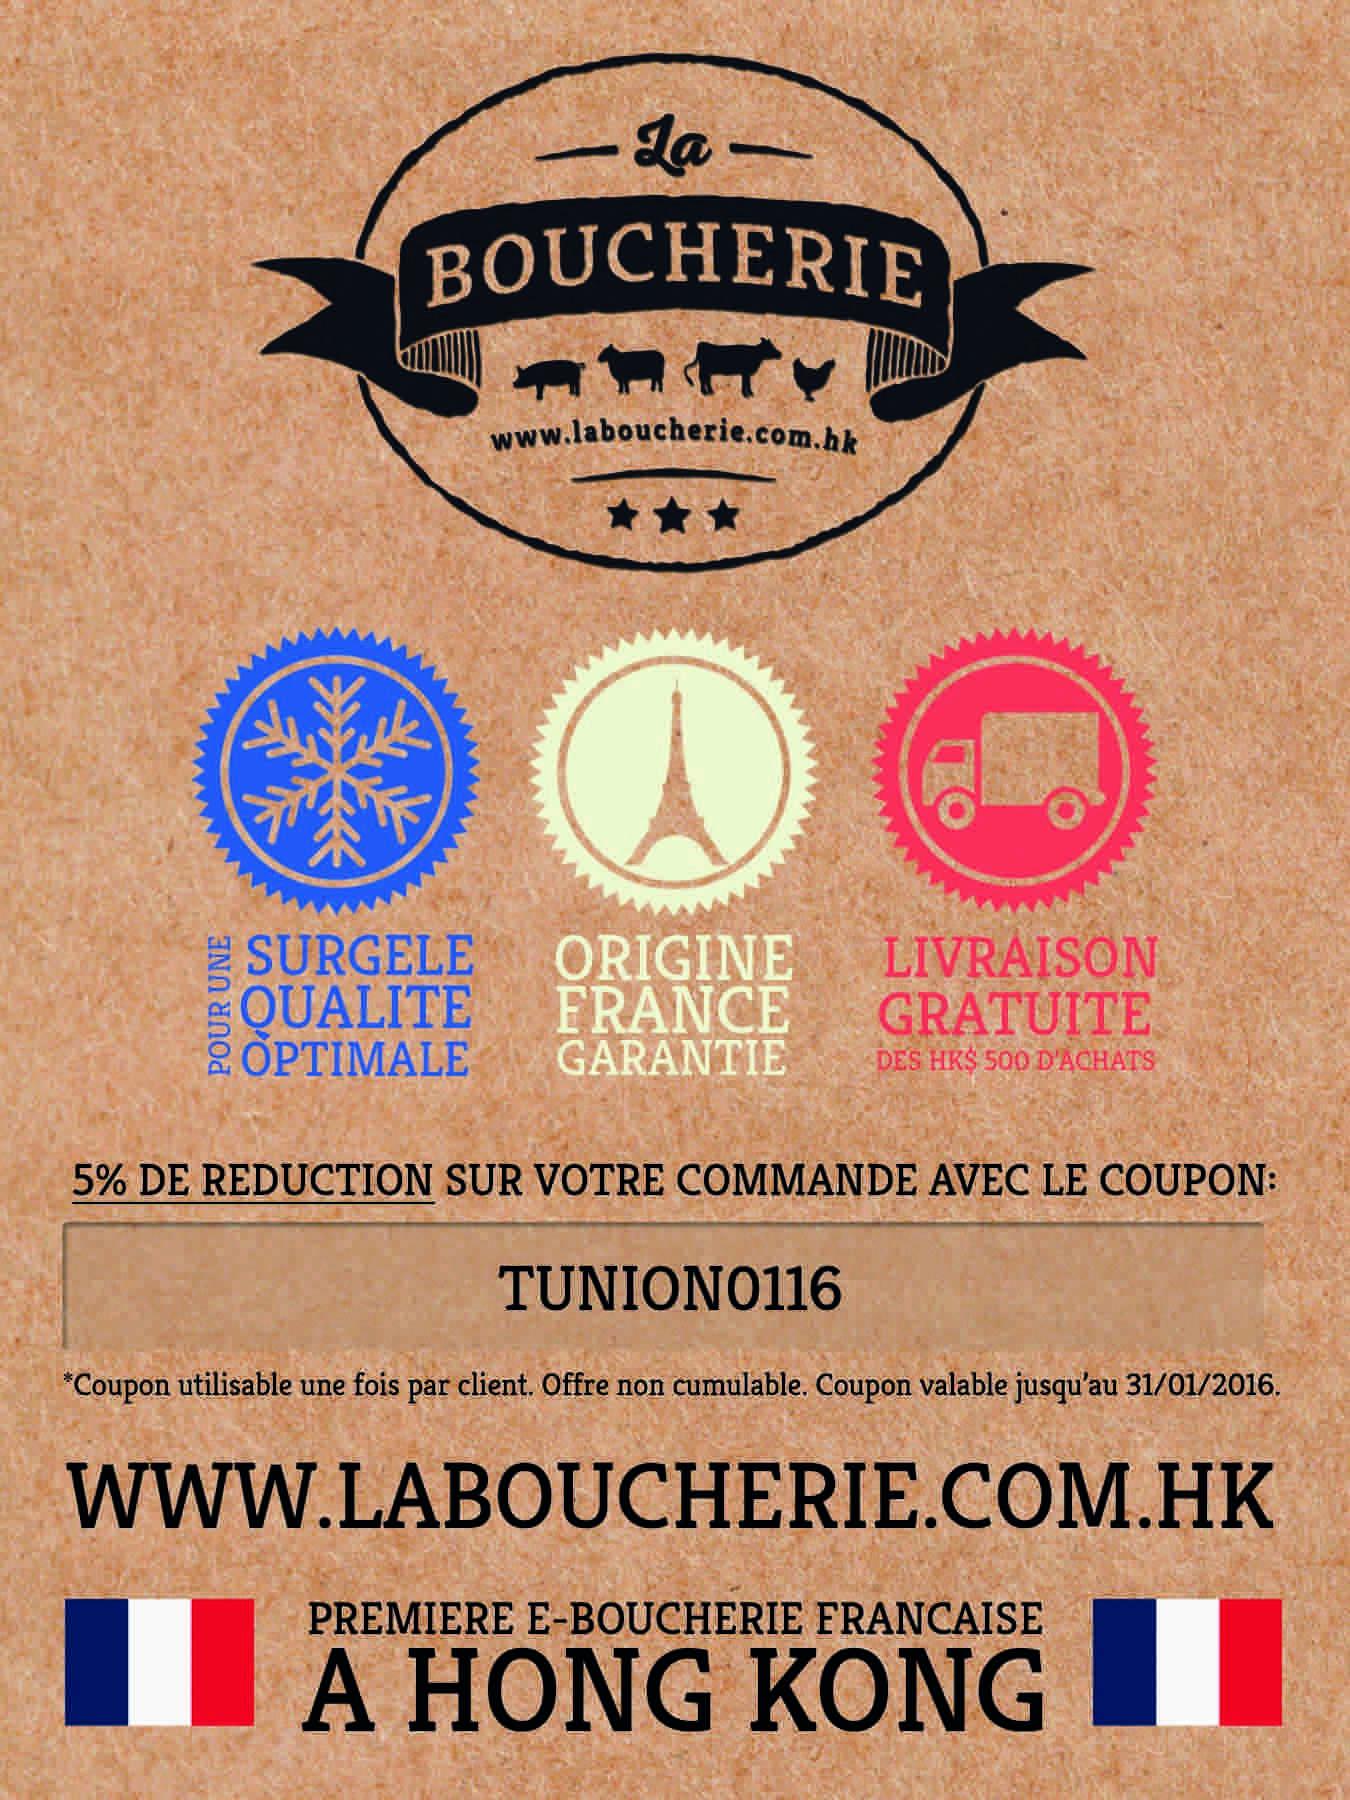 LaBoucherie advertisement